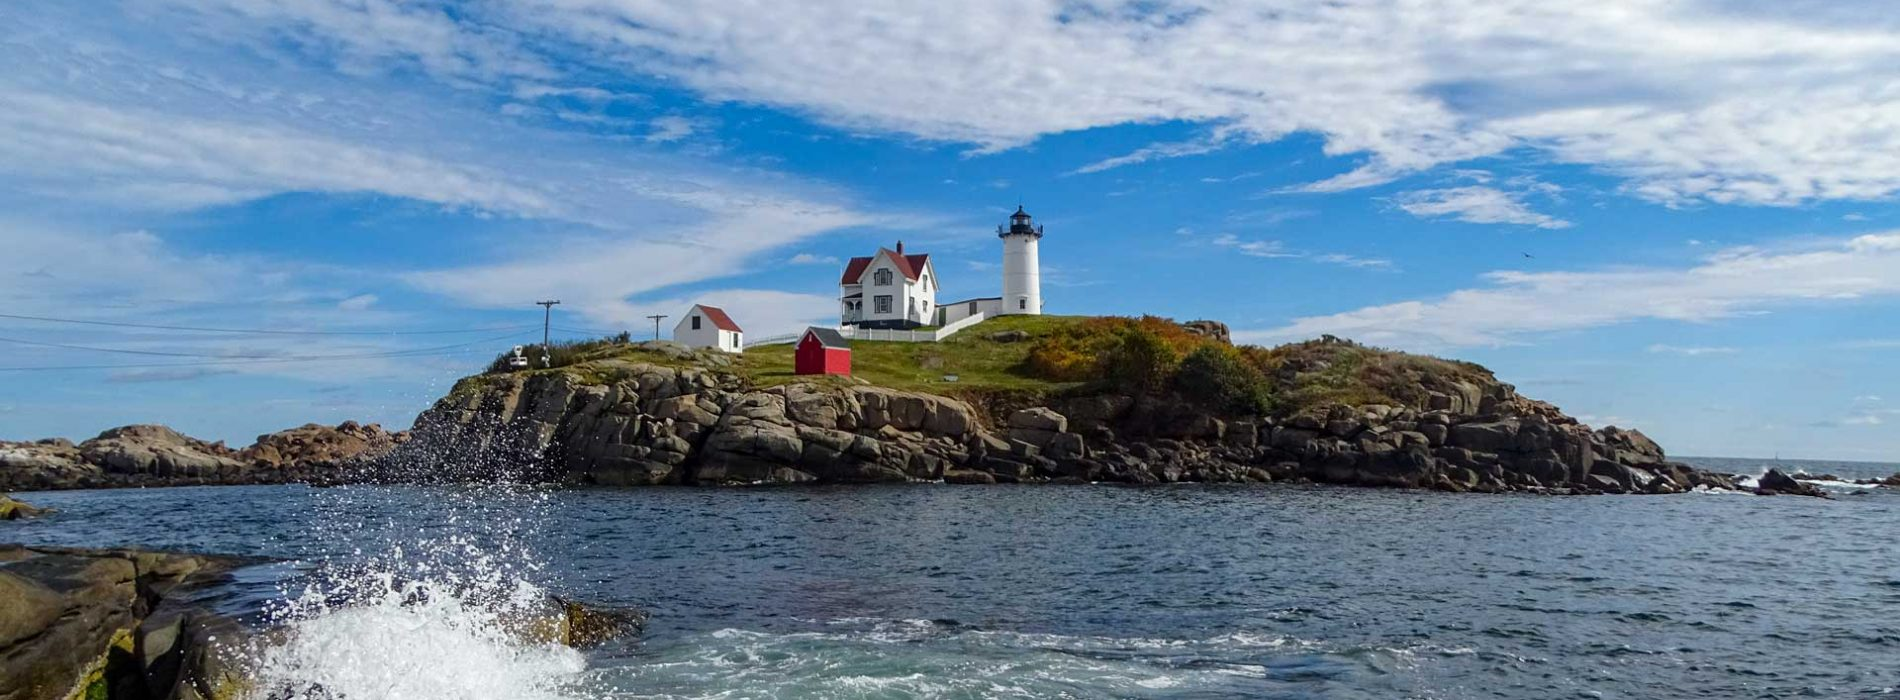 Nubble-lighthouse